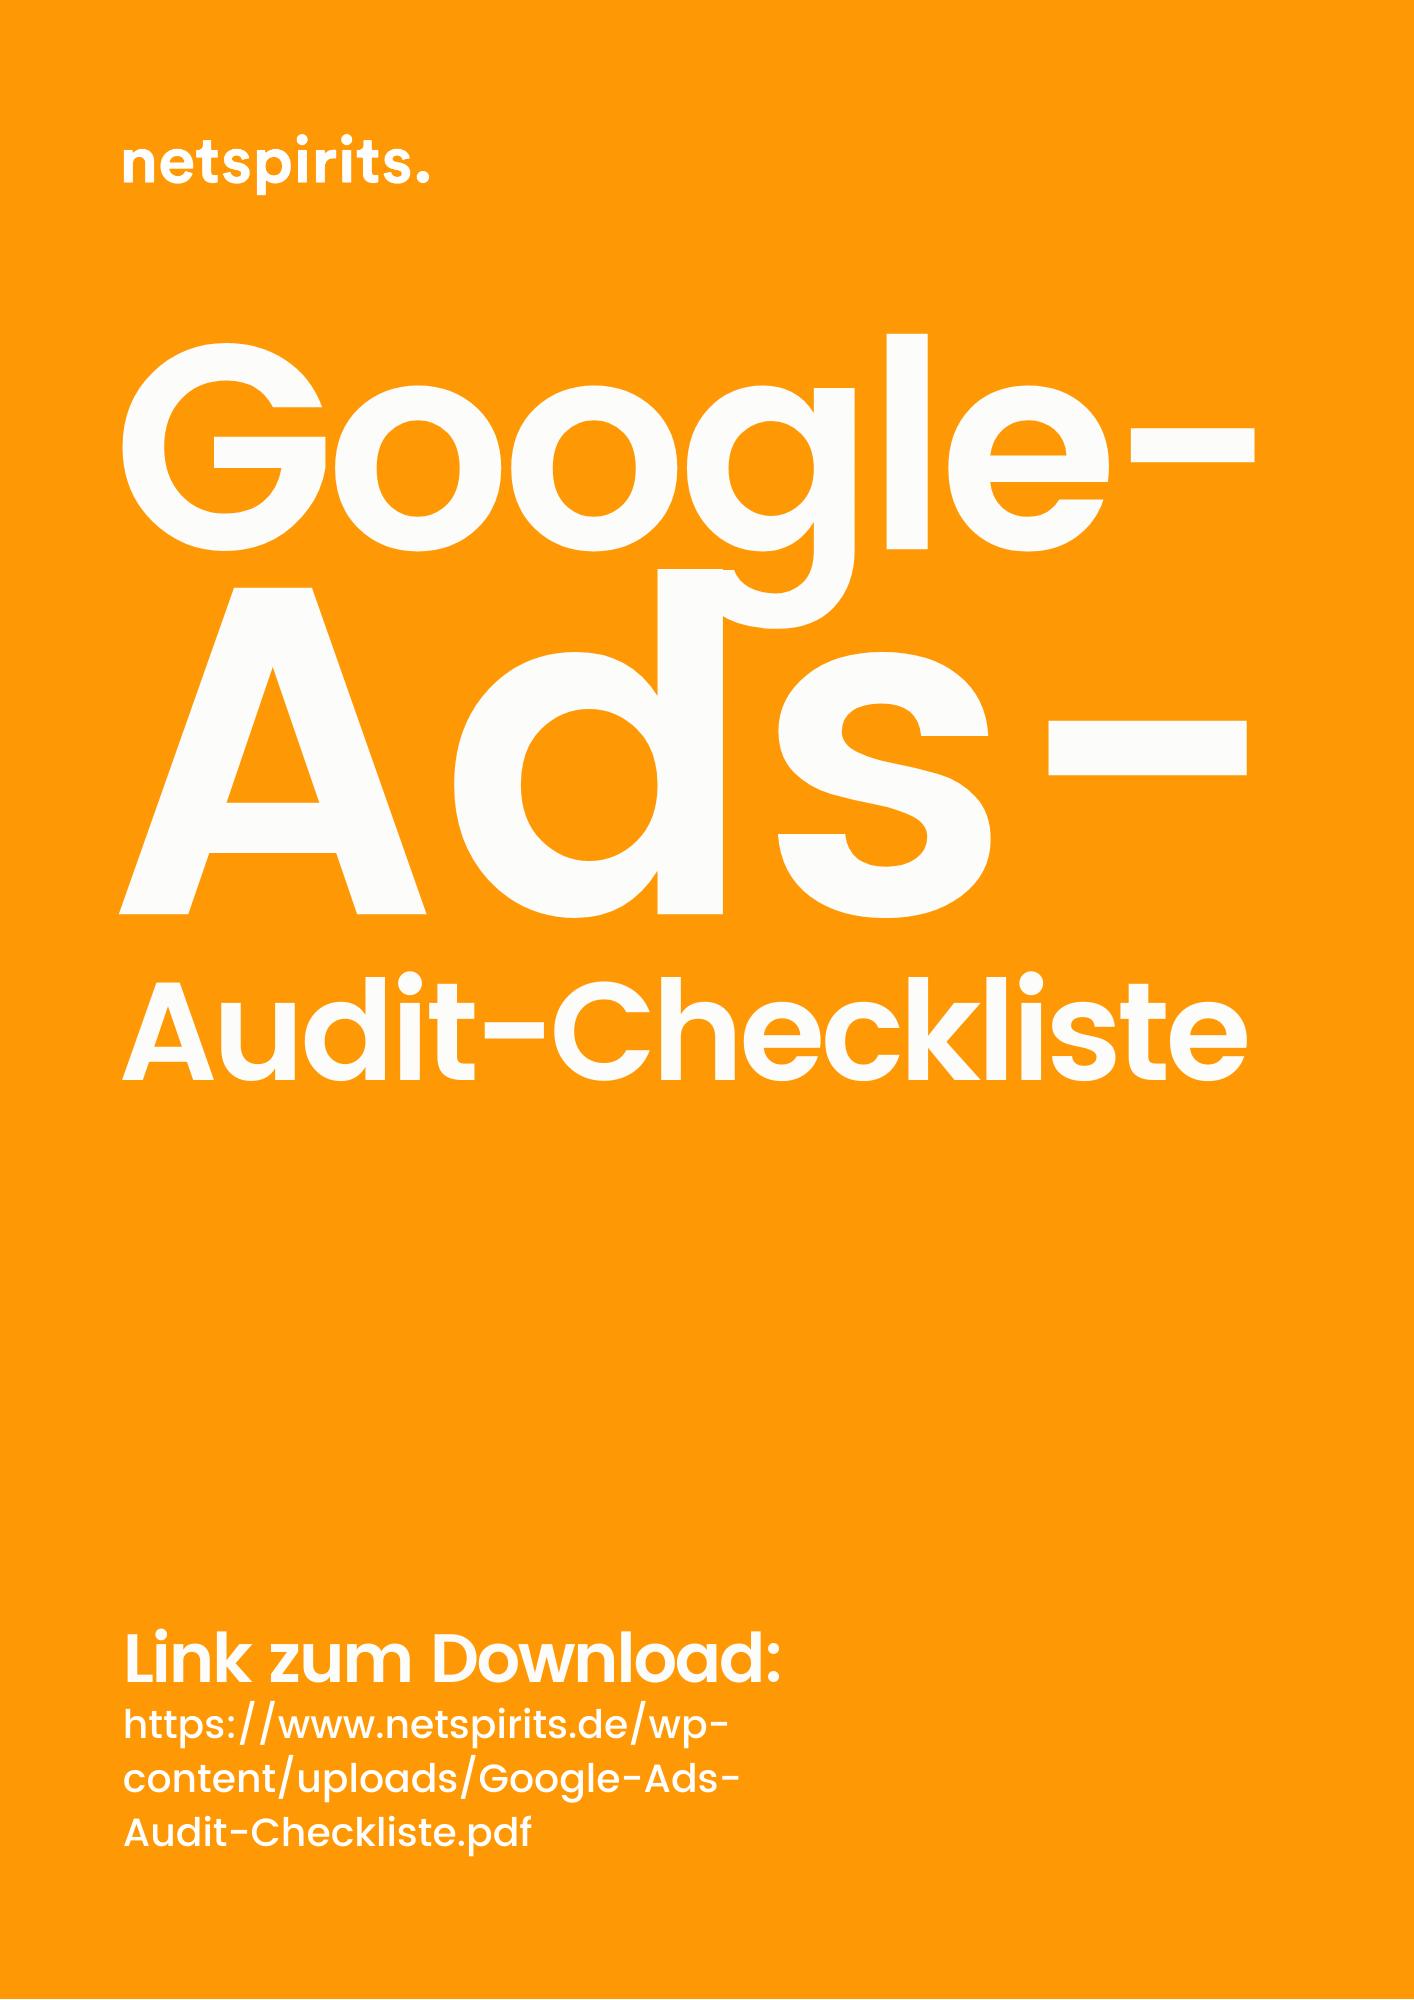 Checkliste für deinen Google-Ads-Audit